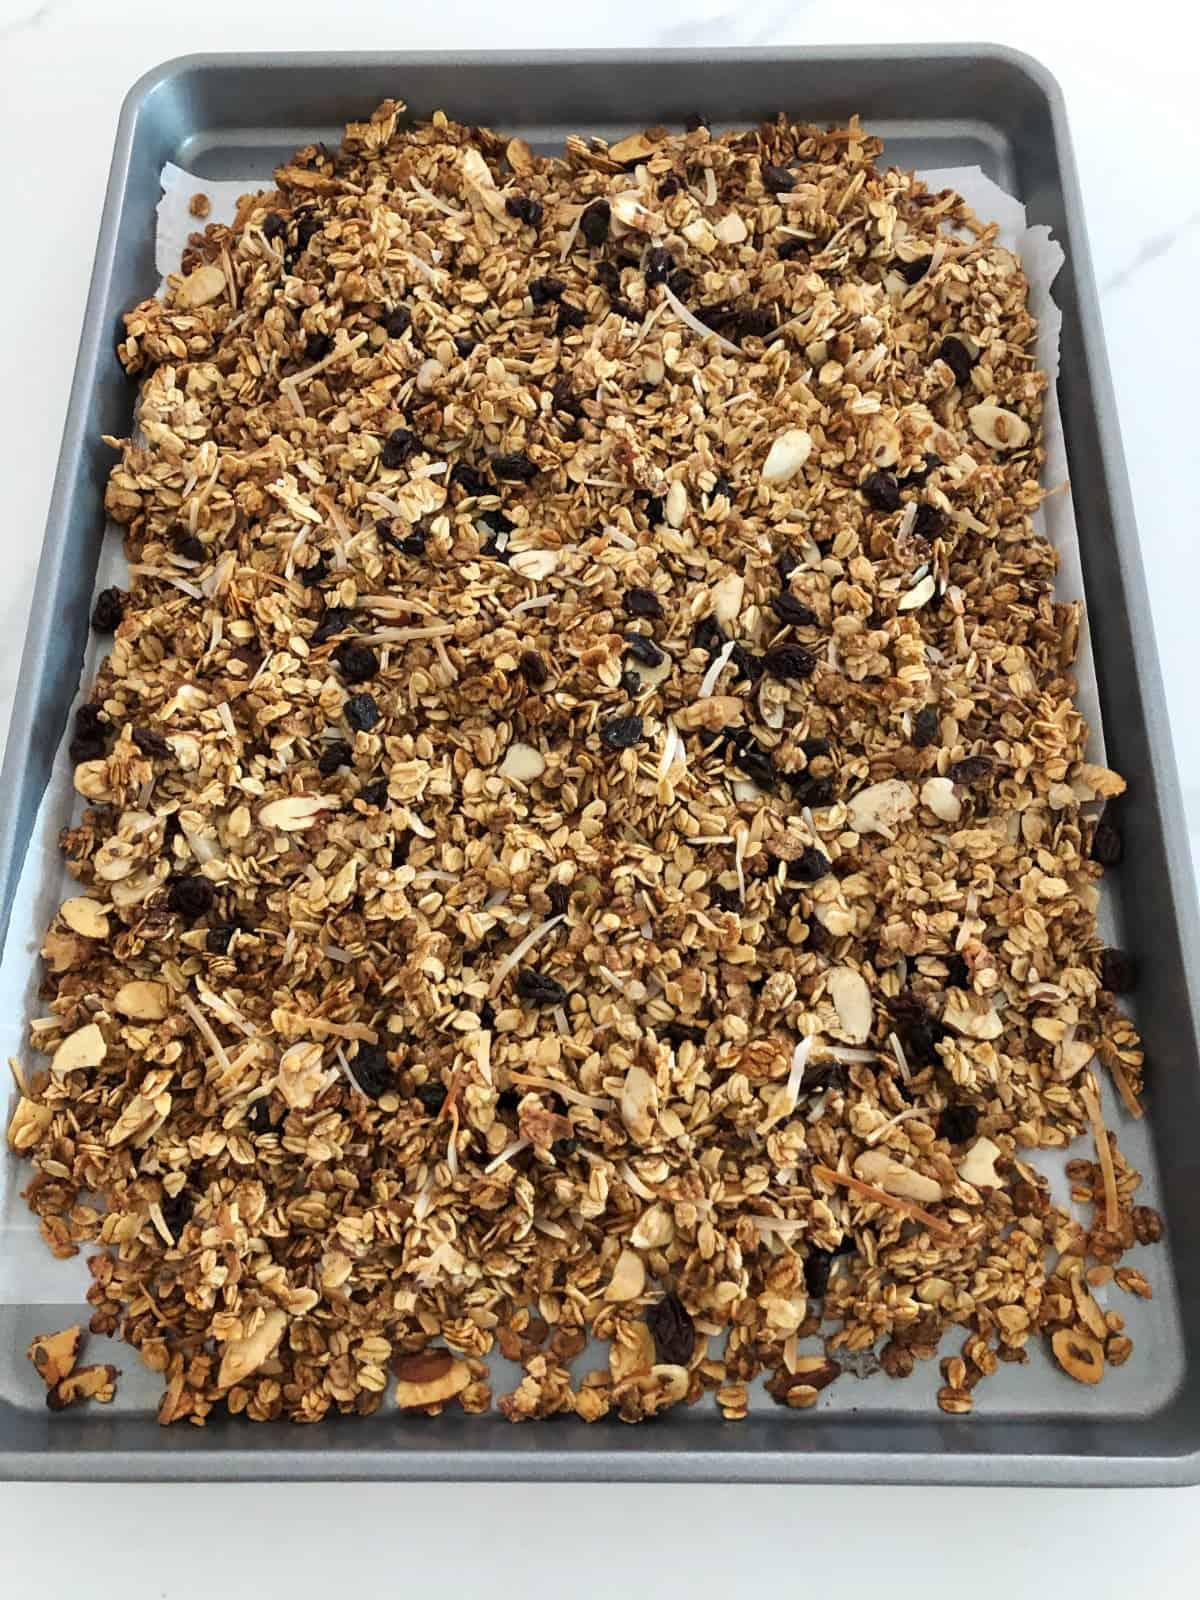 Fresh baked almond granola in baking pan.